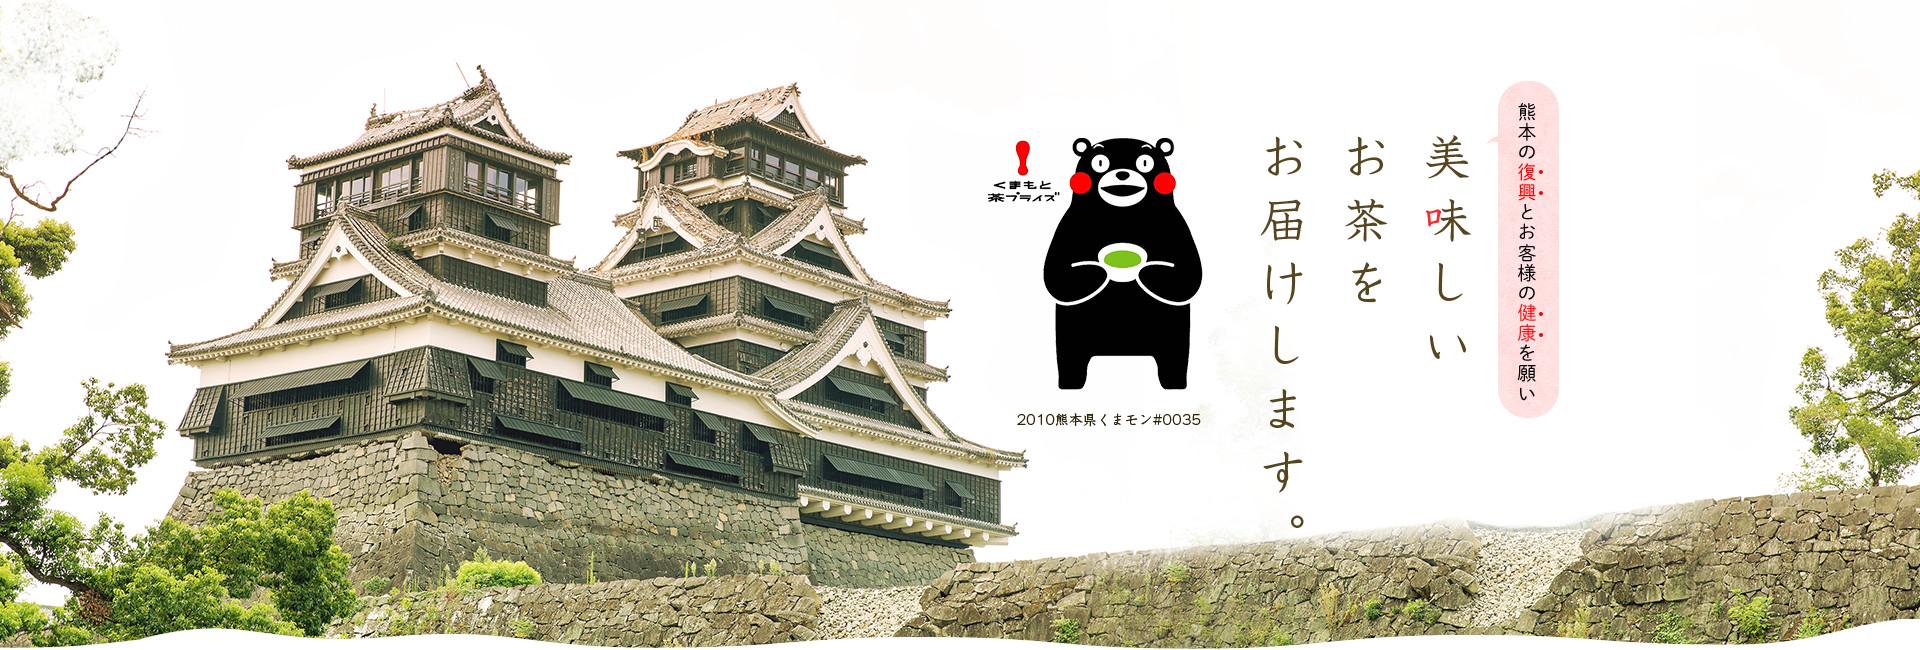 くまモングッズで話題!緑茶、深むし茶を販売する熊本の老舗|お茶の堀野園